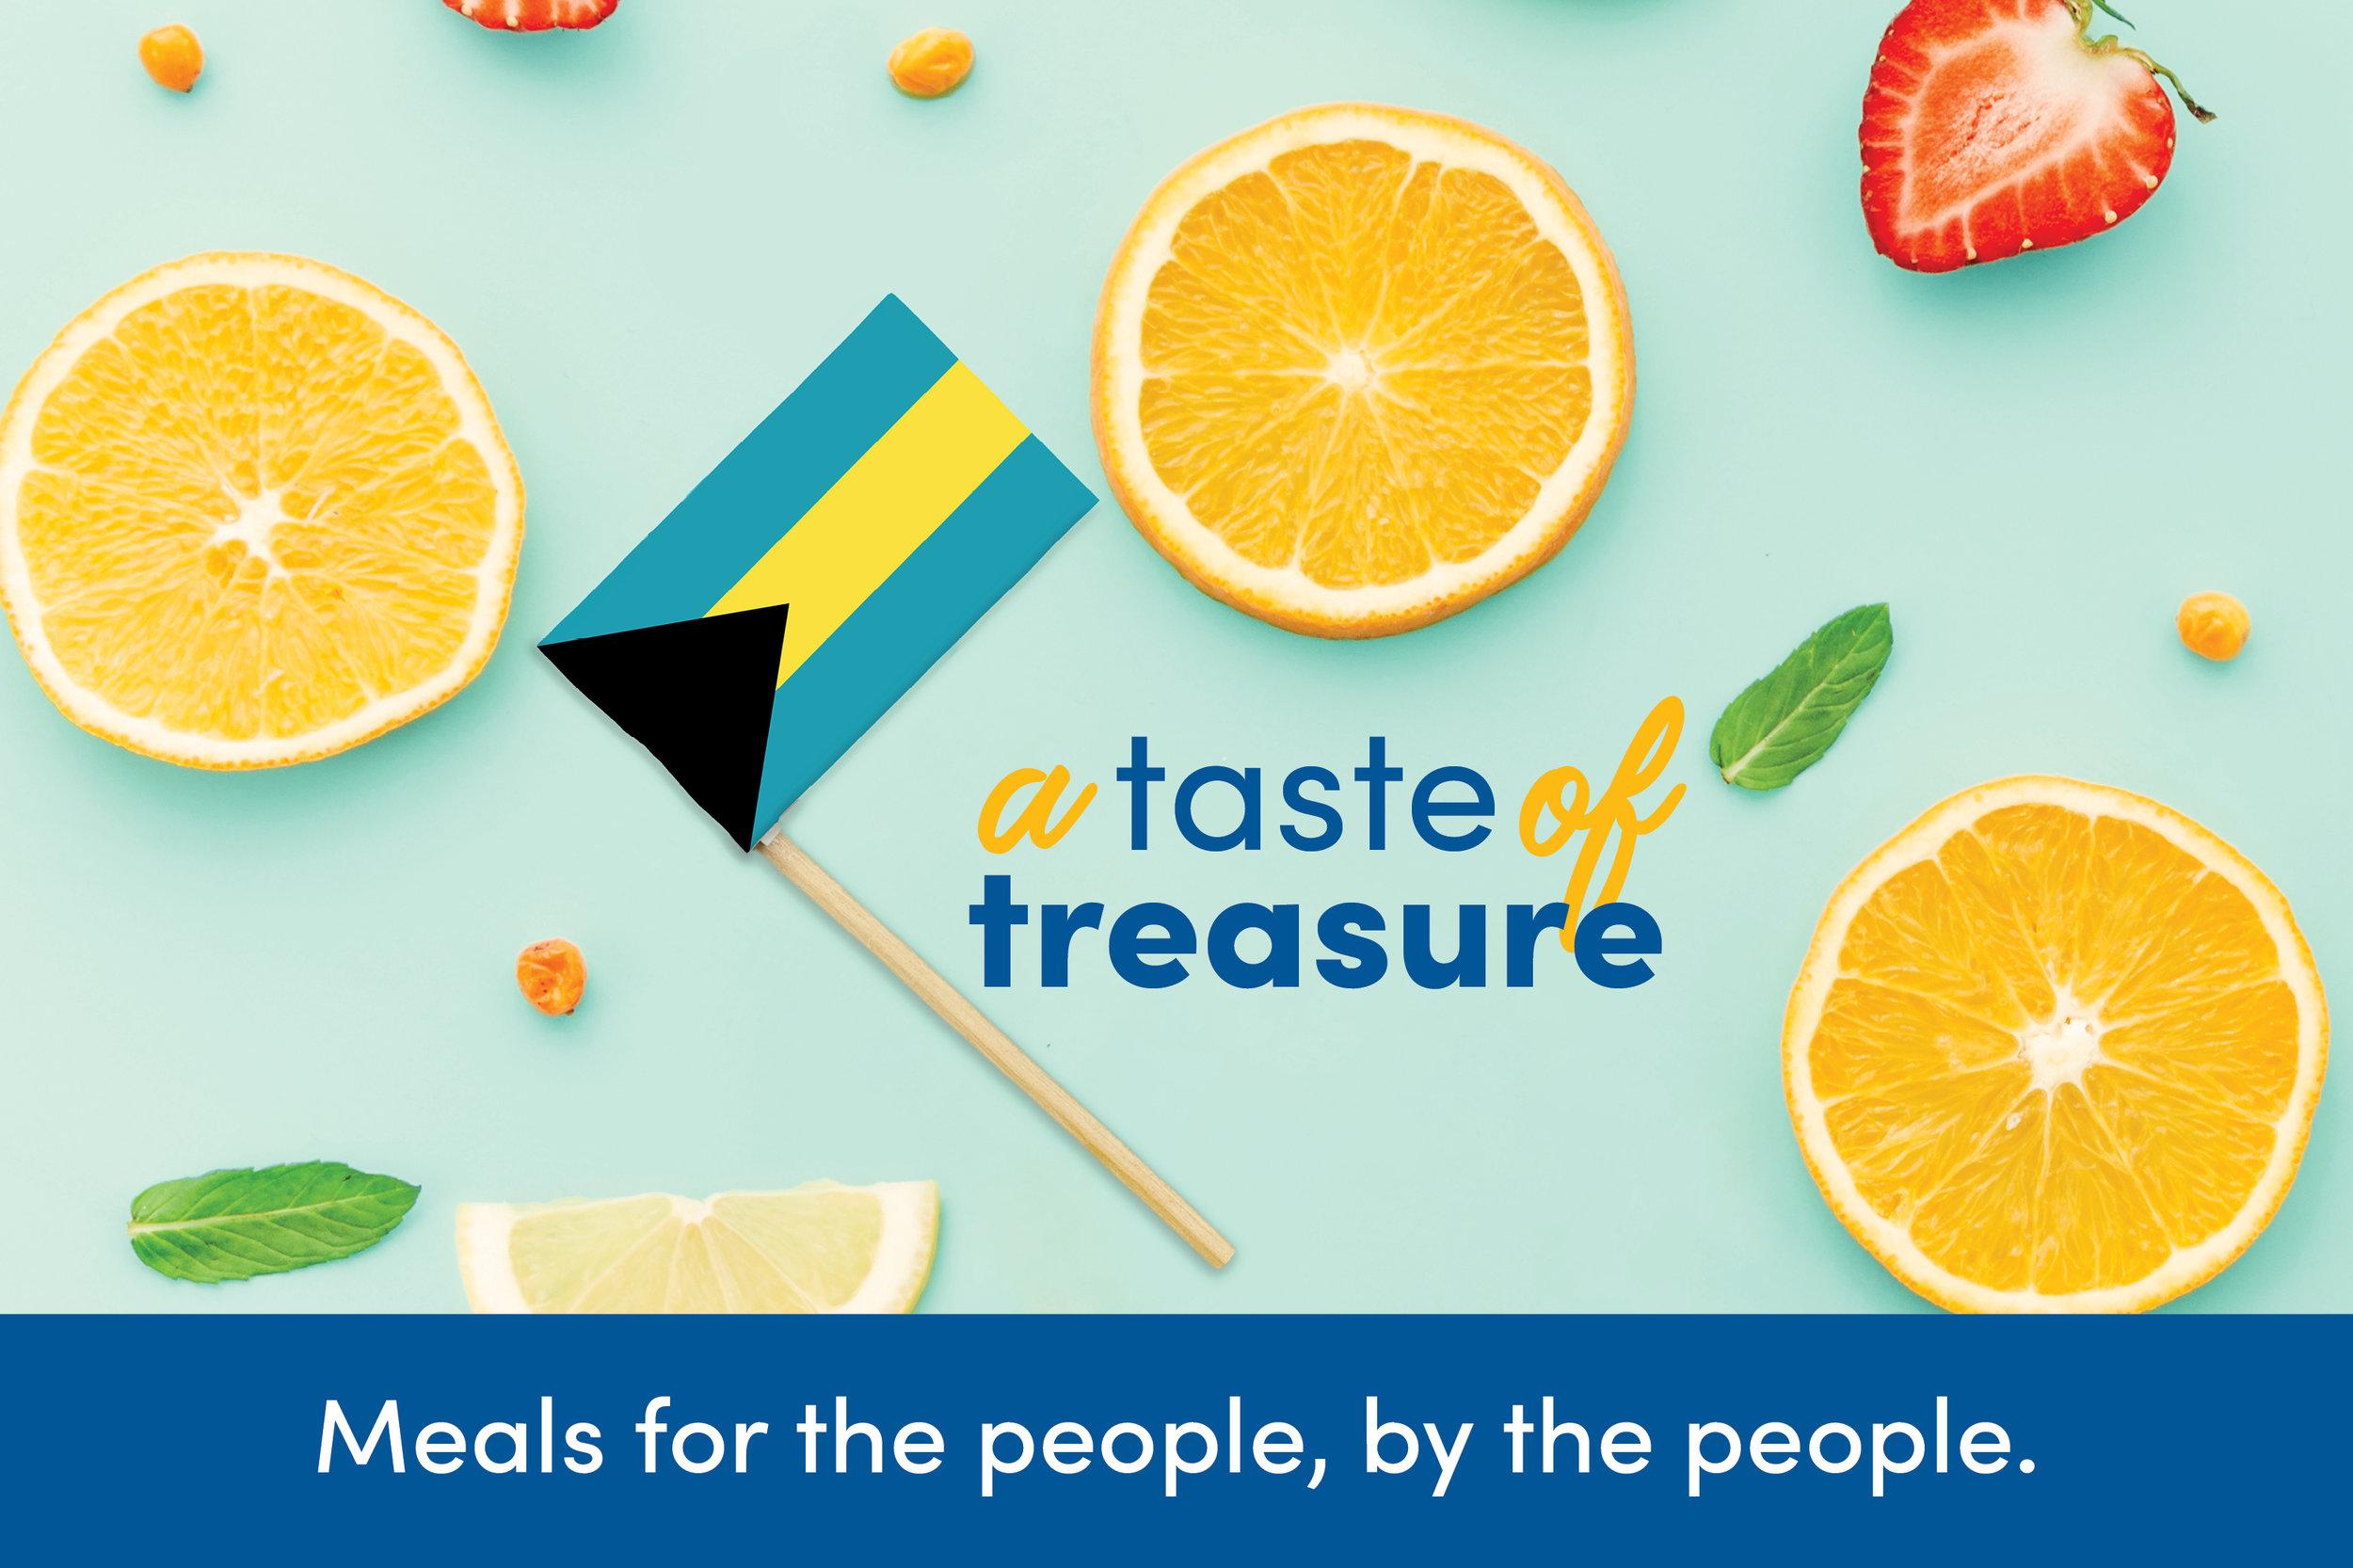 TC Taste of Treasure.jpg